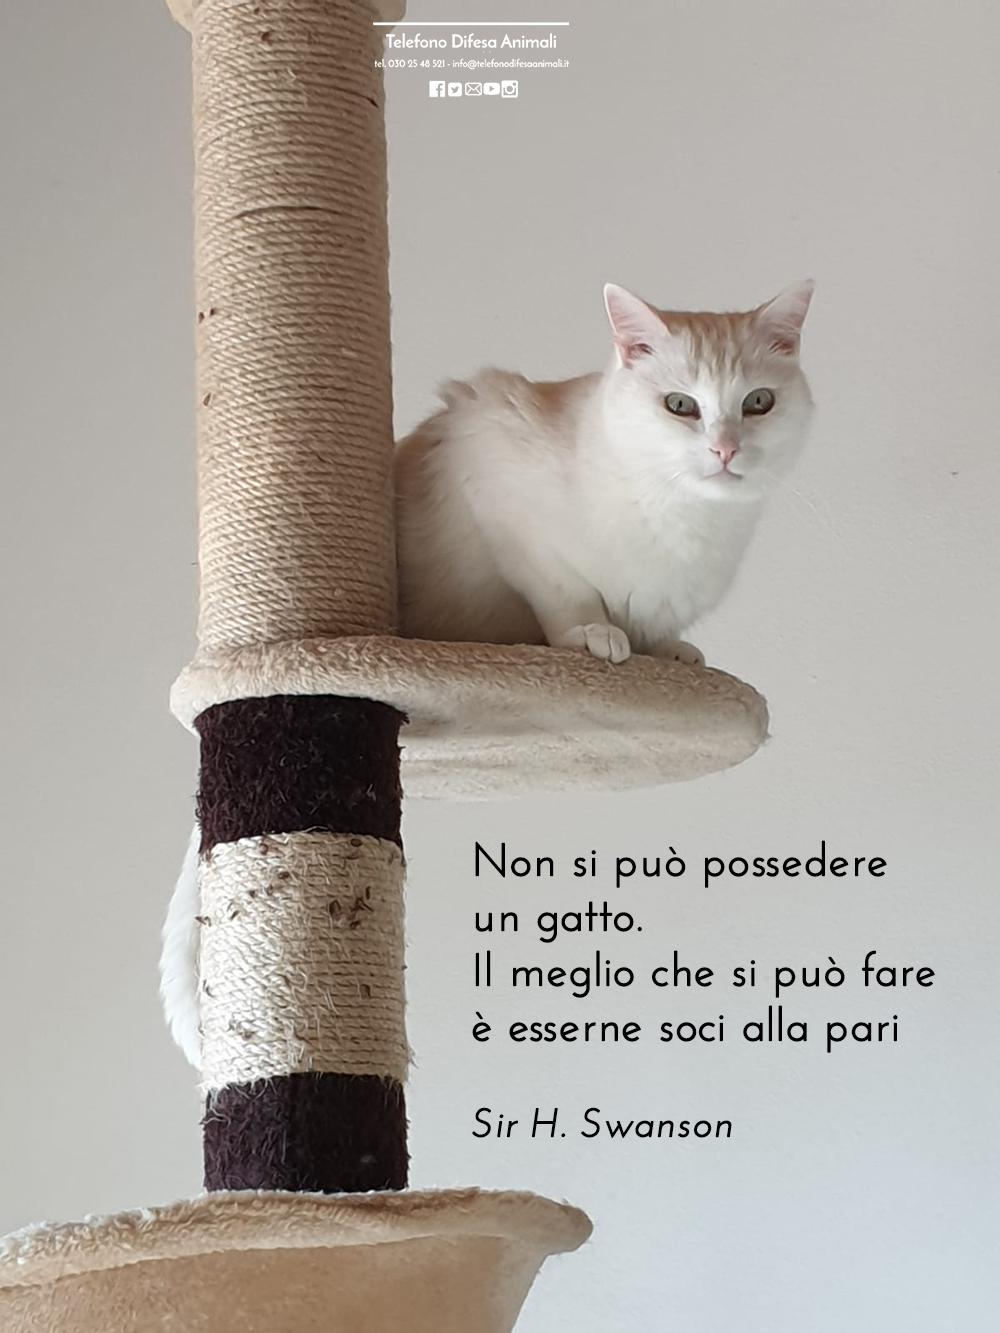 Non si può possedere un gatto. Il meglio che si può fare è esserne soci alla pari(Sir H. Swanson)